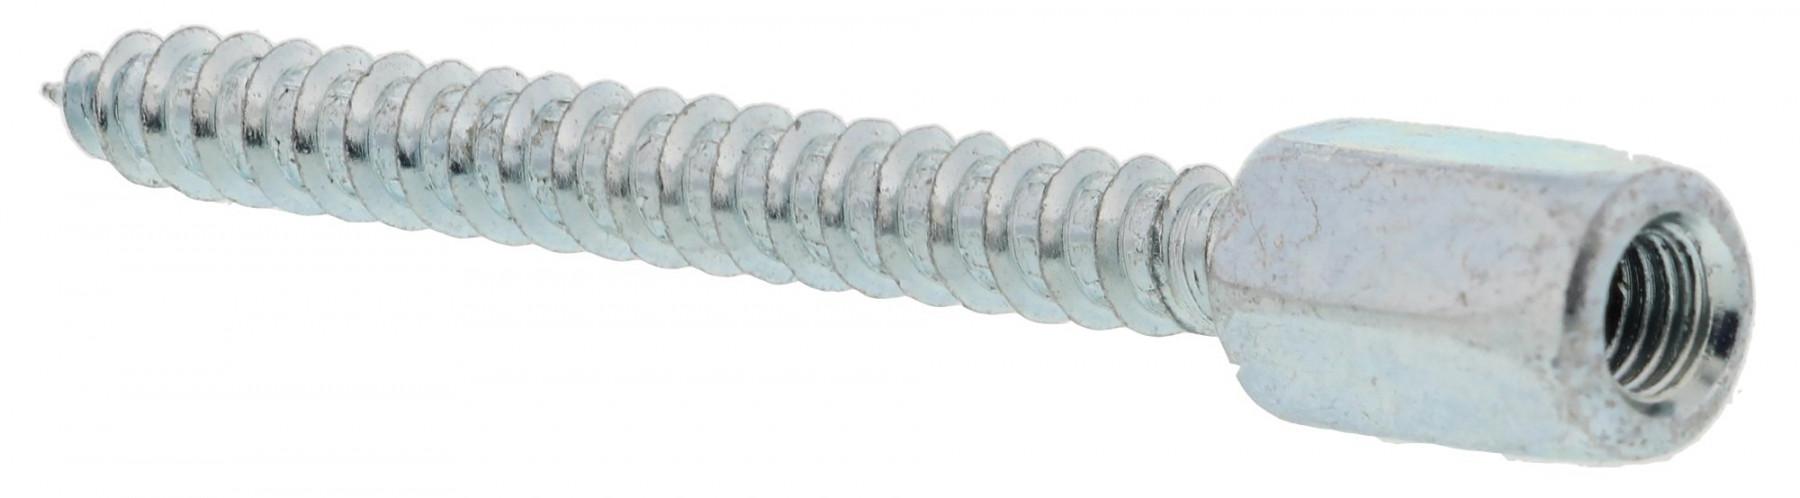 Piton femelle RM6 Ø6 x 67 mm SPIT pour la pose de tiges filetées - 050059